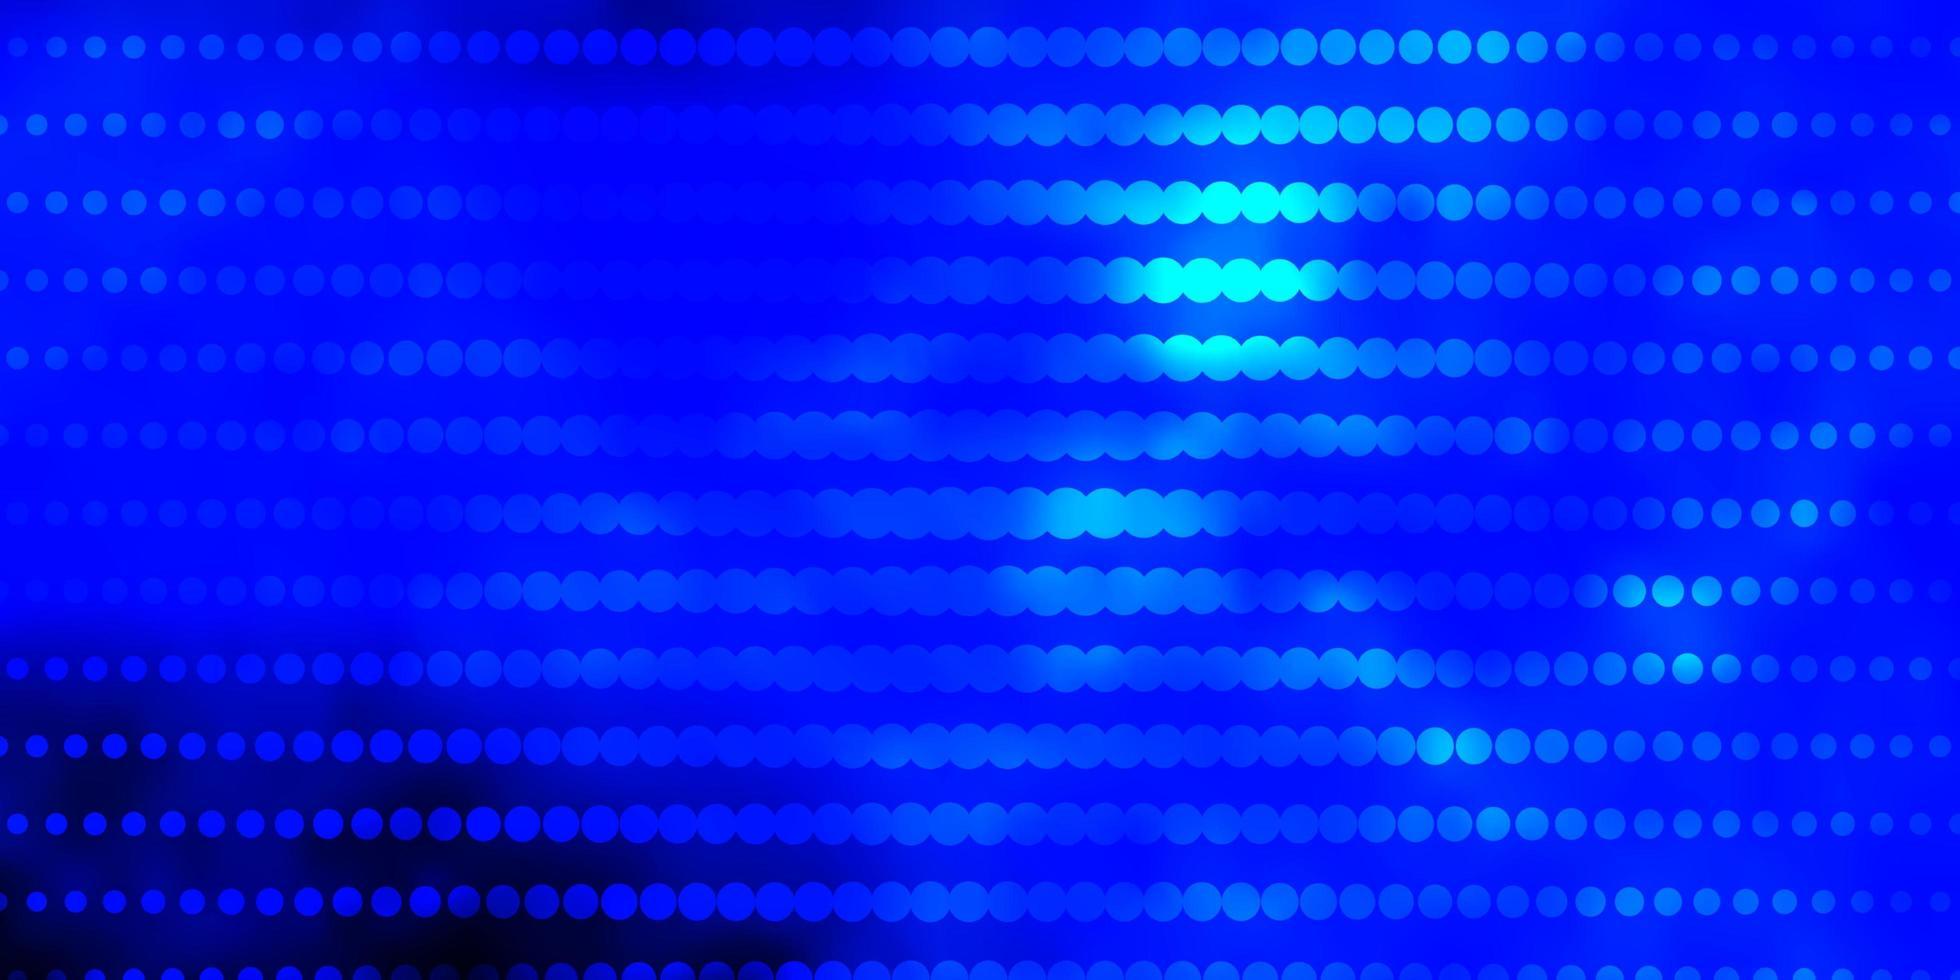 textura azul con círculos. vector